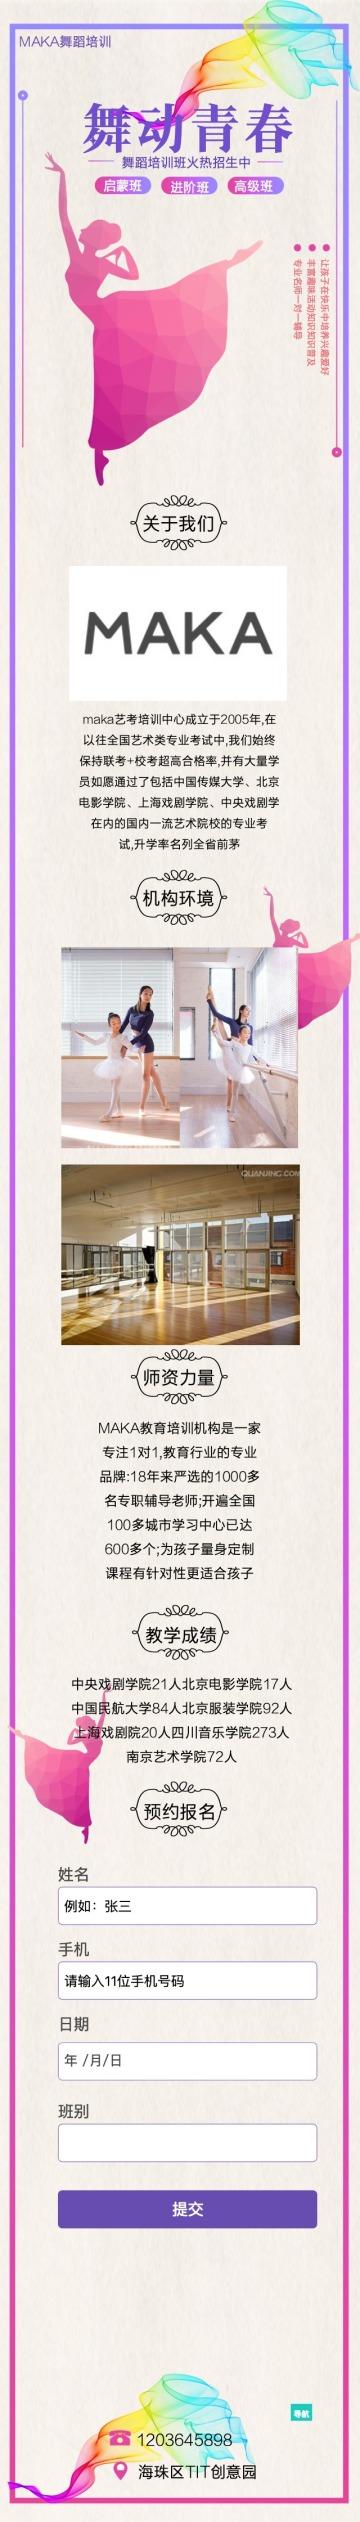 清新文艺教育培训兴趣舞蹈招生介绍推广单页